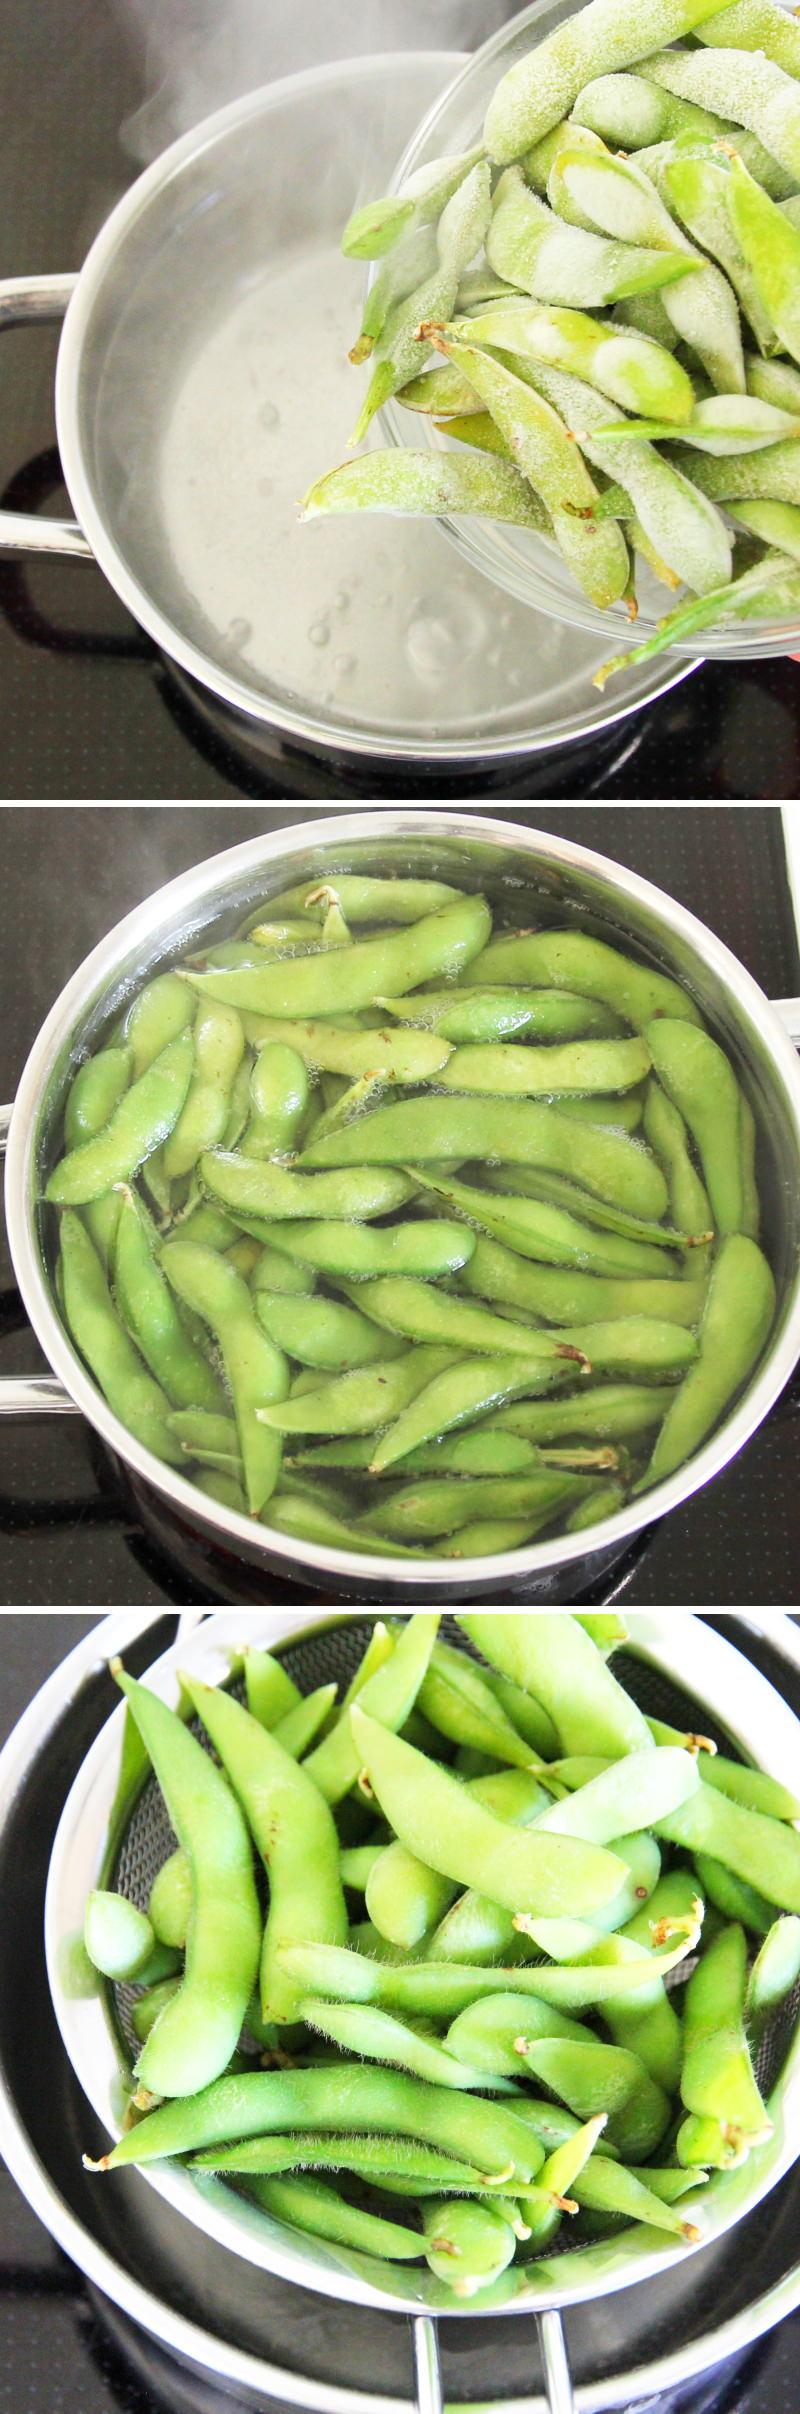 Edamame mit Salz Schritt 3 Sojabohnen kochen